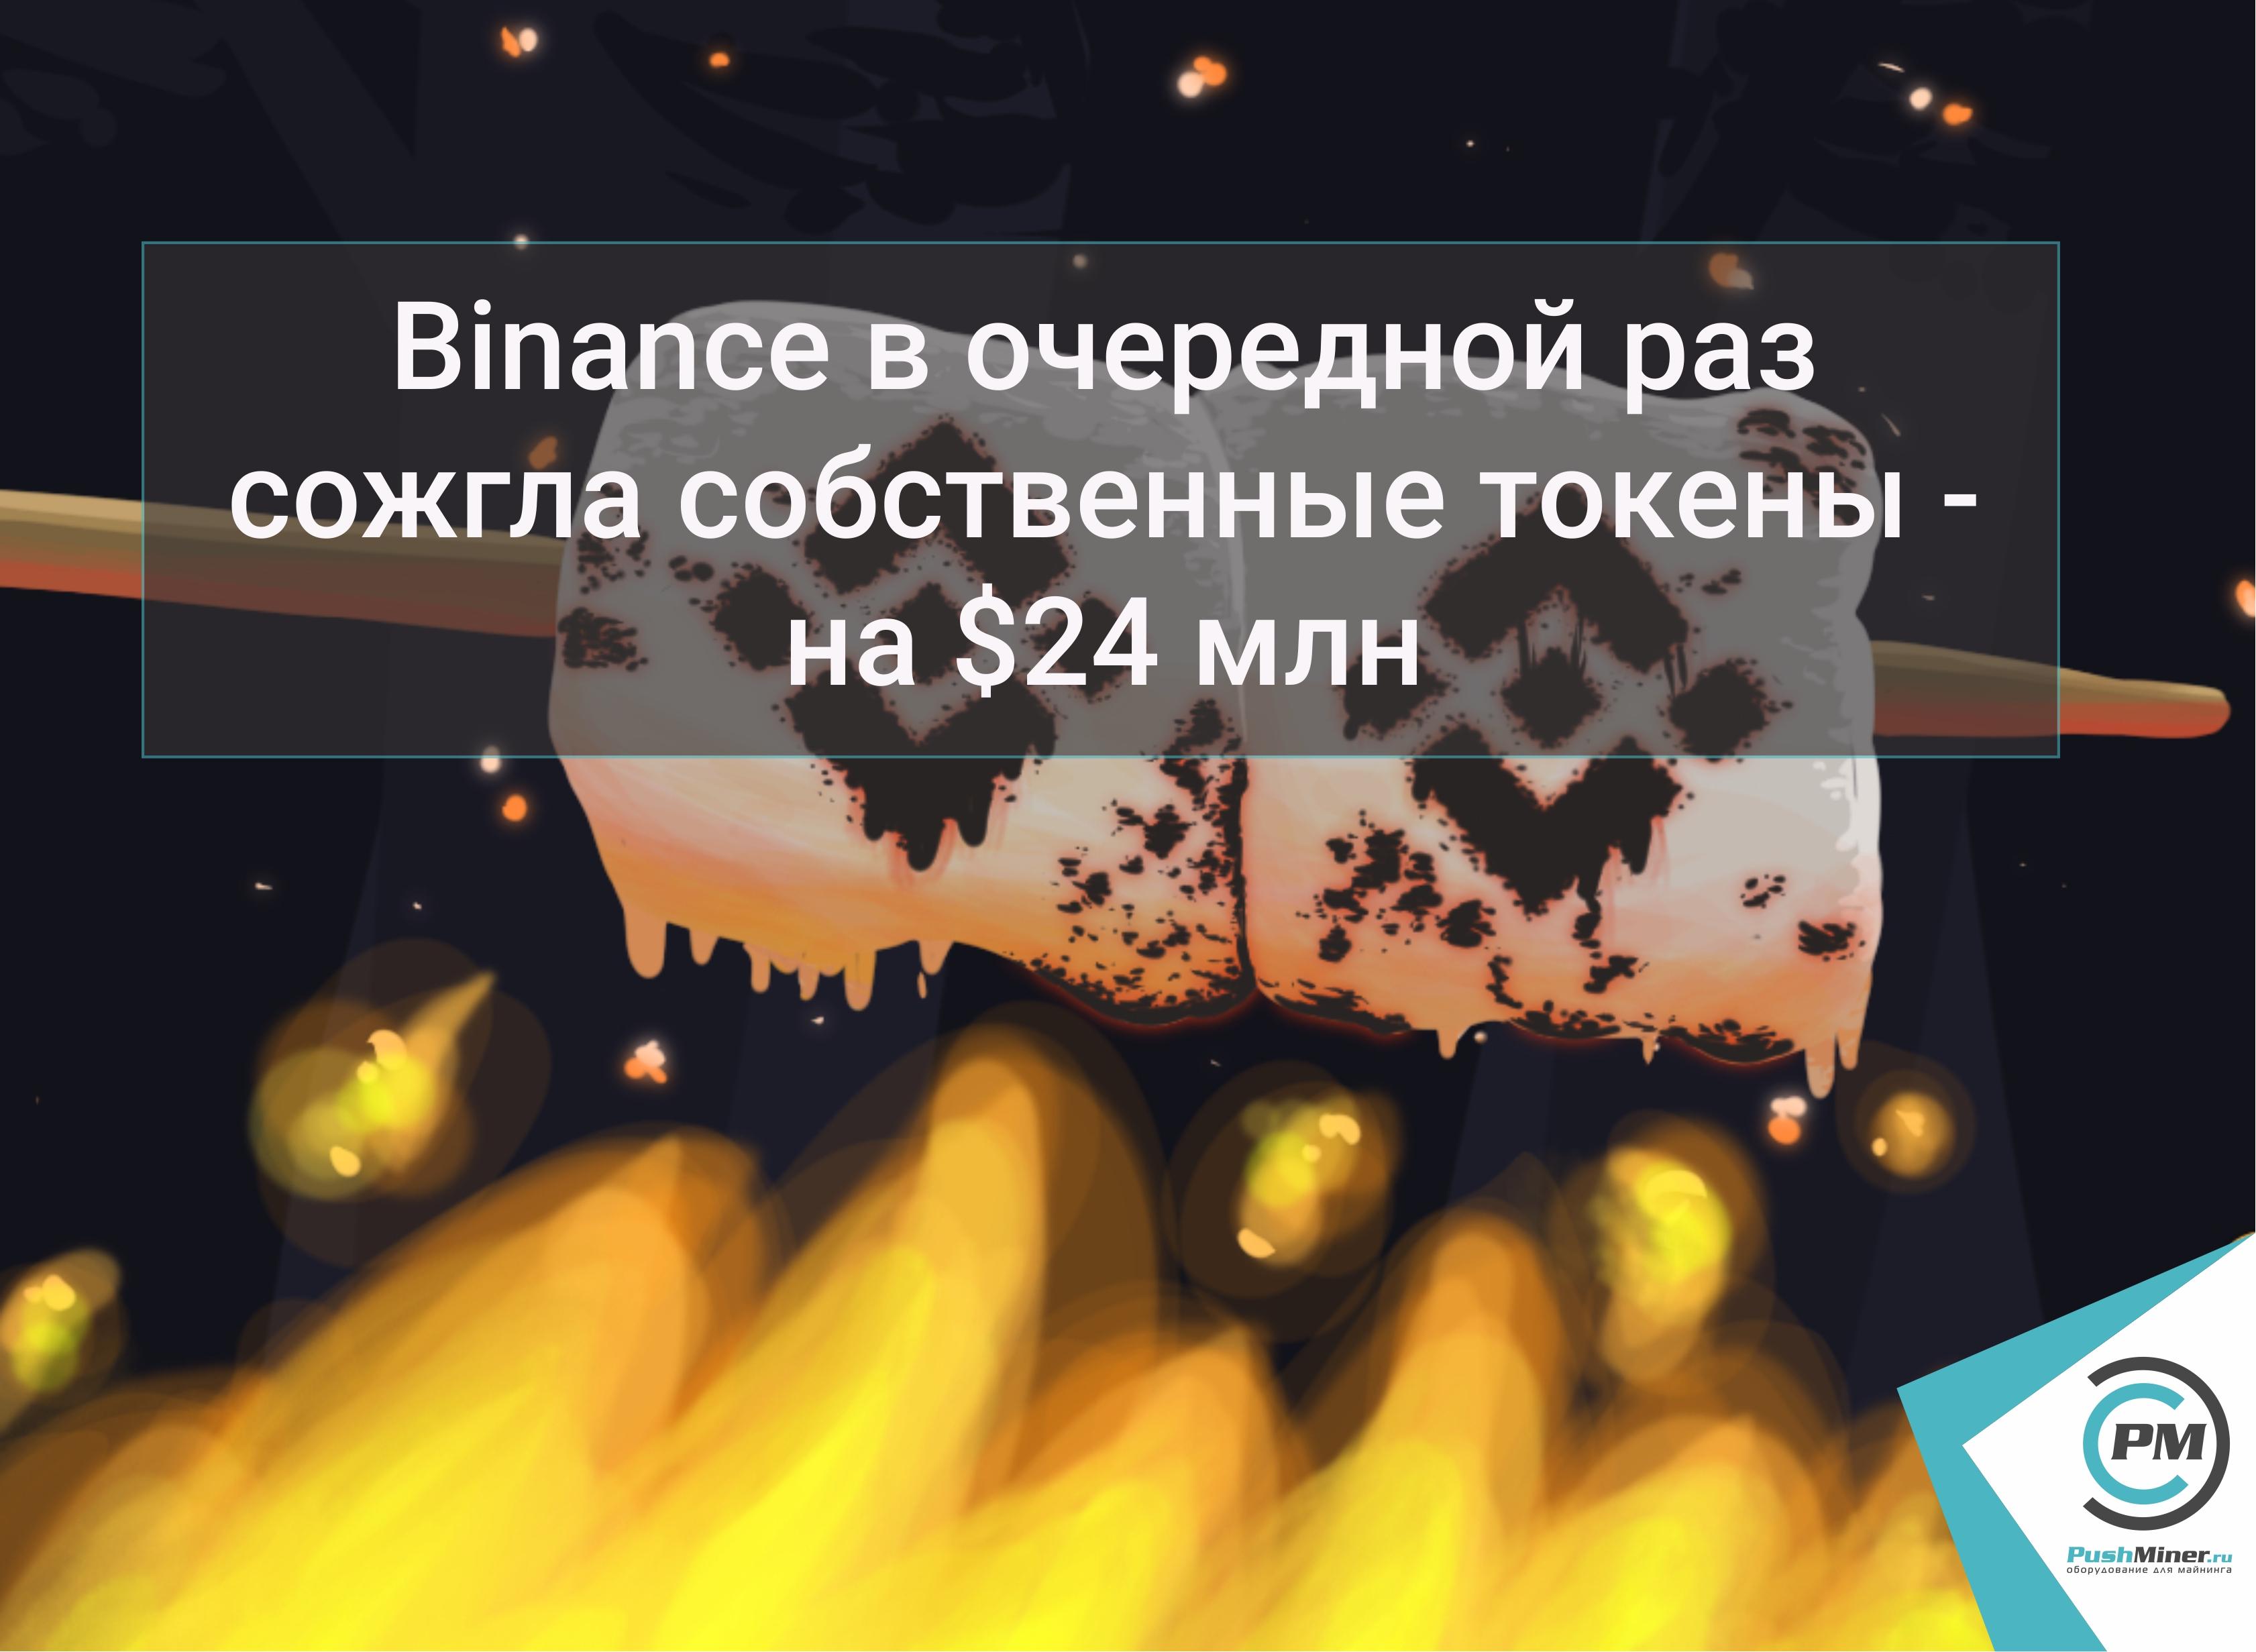 Binance в очередной раз сожгла собственные токены - на $24 млн